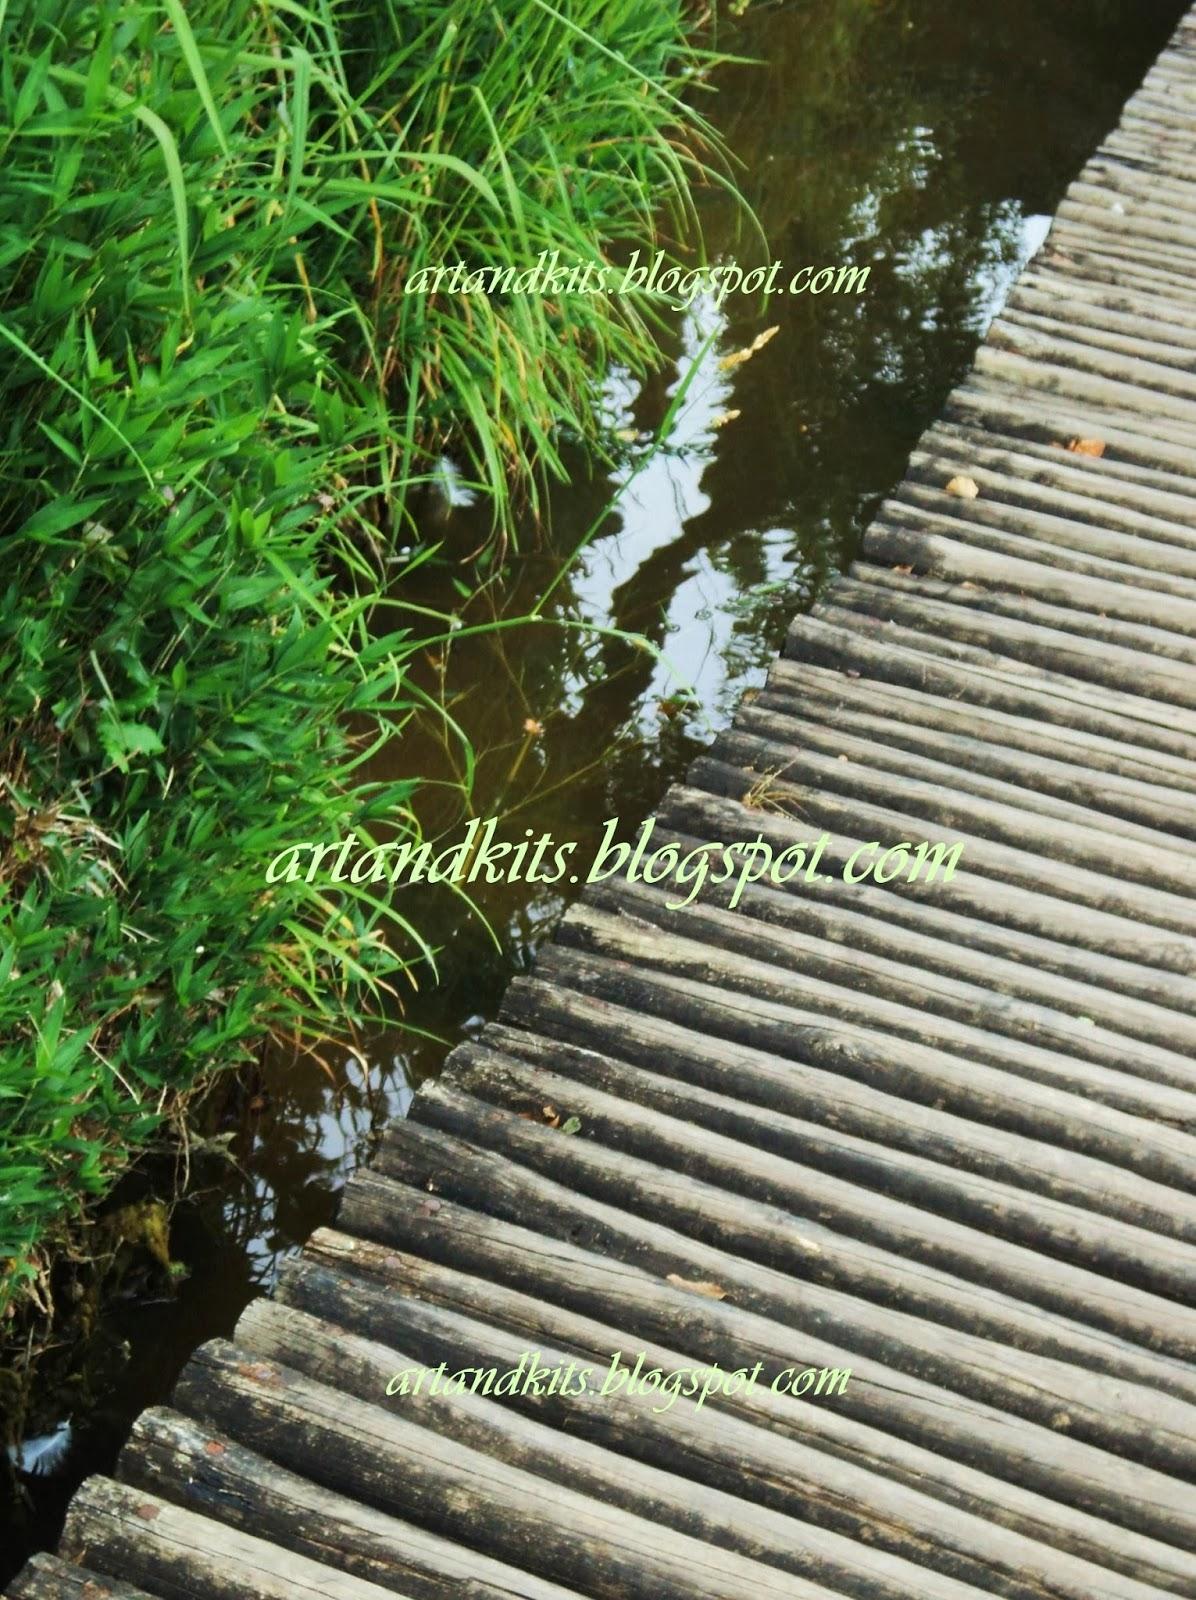 Pelos caminhos, nos encontramos, e pelos caminhos nos perdemos. Tudo sempre depende dos caminhos que escolhemos. / Through the paths we can find ourselves, and through the paths we can lose ourselves. Everything always depend of the paths we choose.